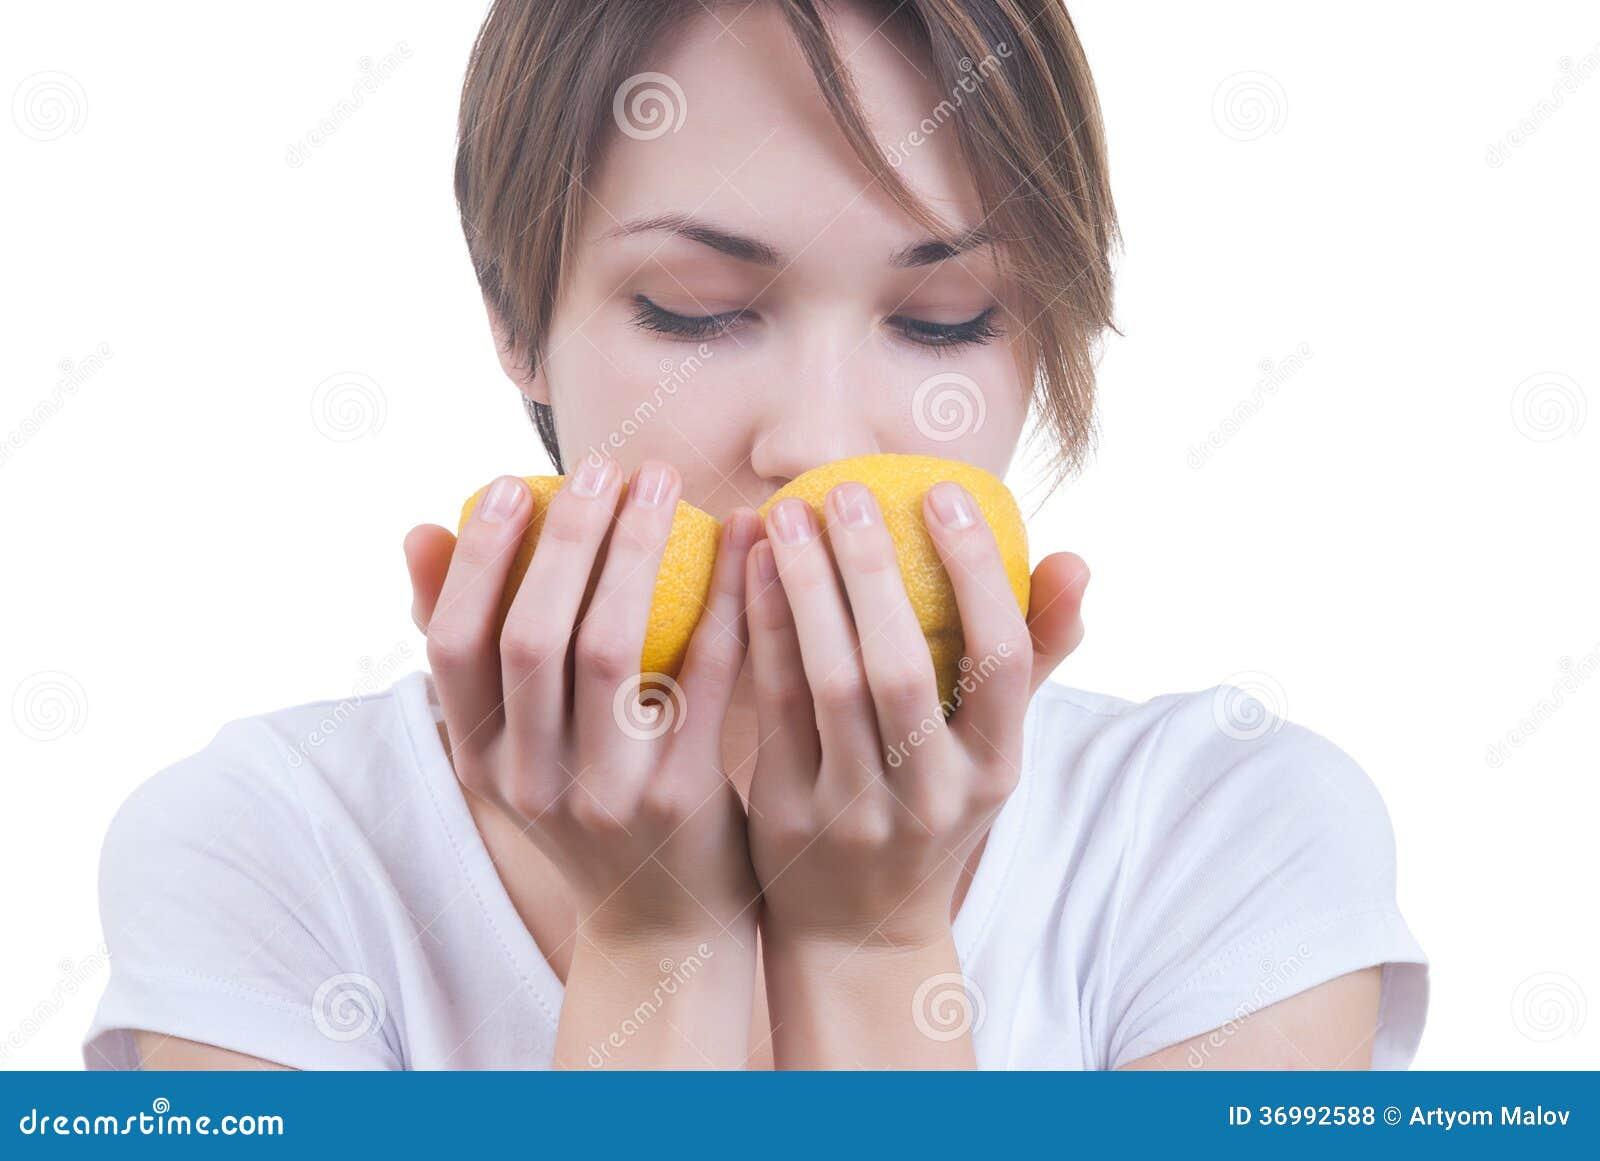 Девушка обнюхивая 2 части лимона